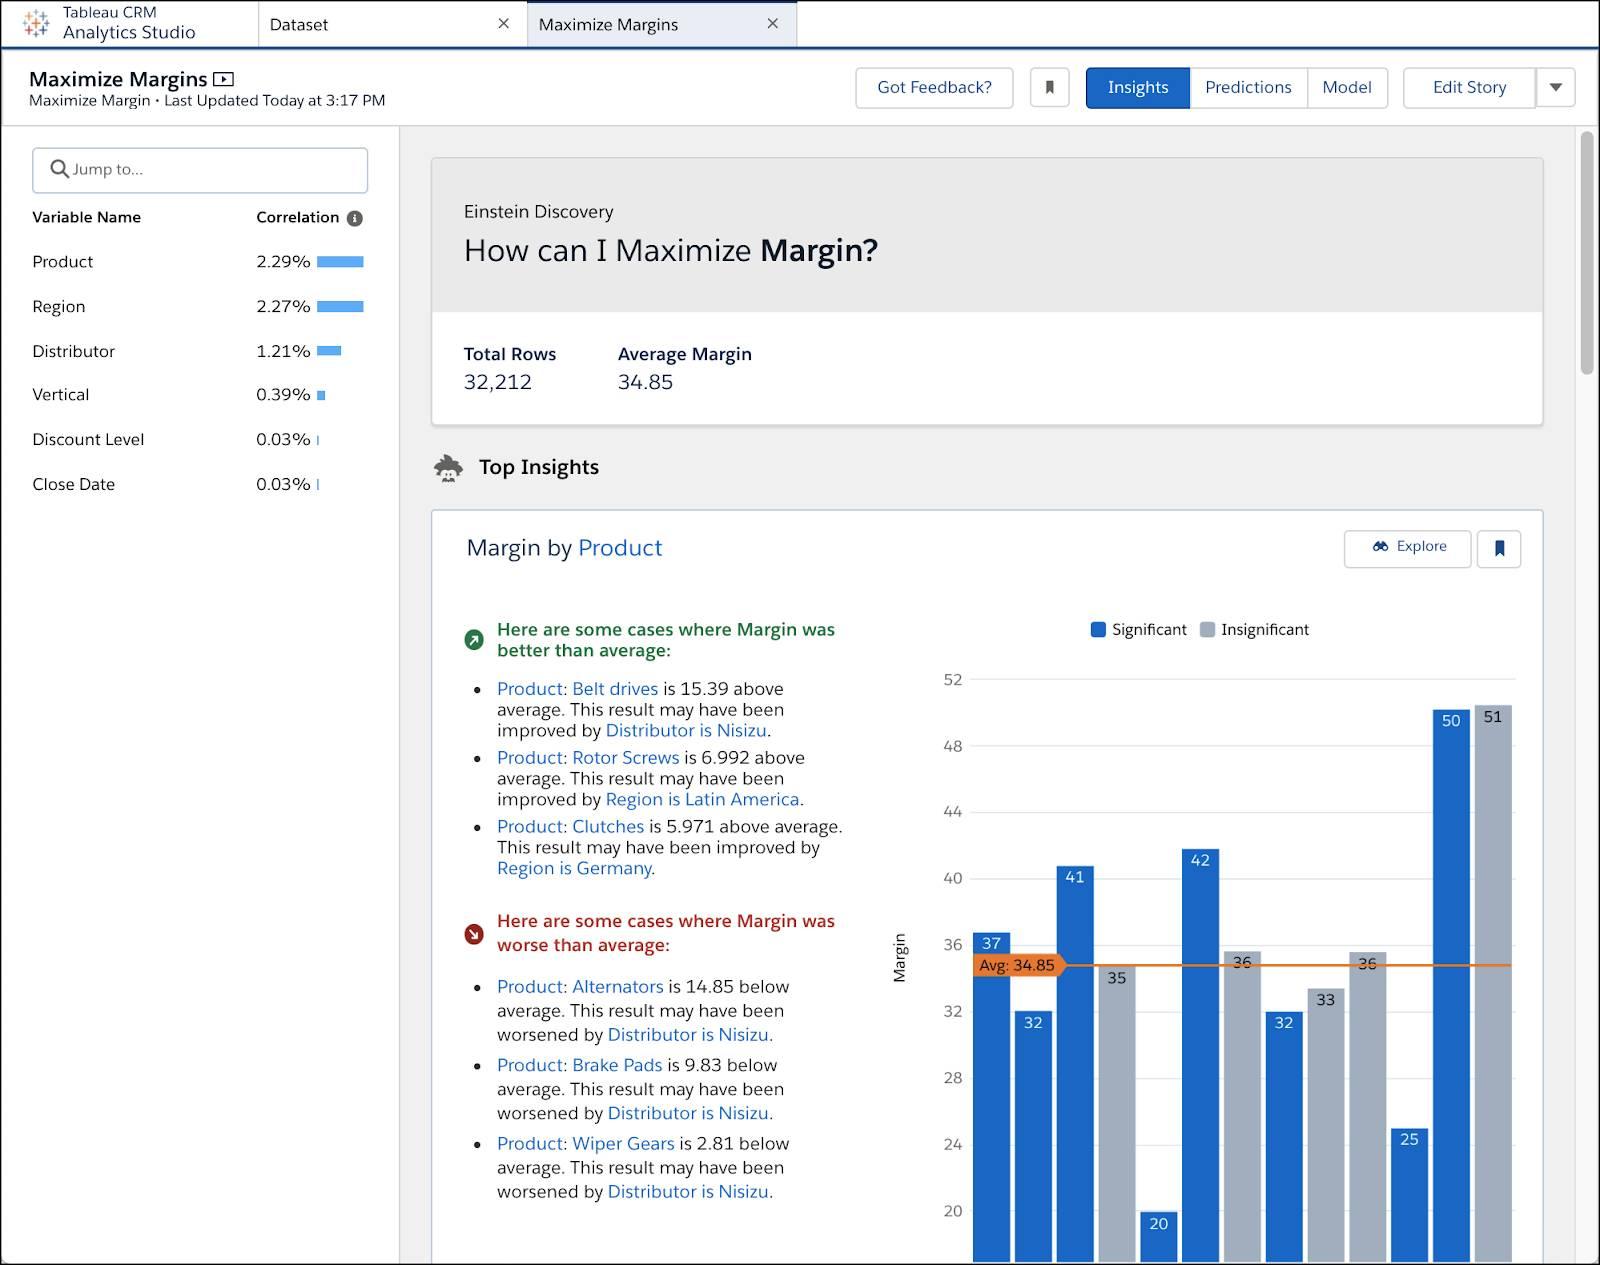 ストーリーの目標「How can I Maximize Margin?」 (利益率を最大化するには?) に関するインサイトが表示されたストーリー画面